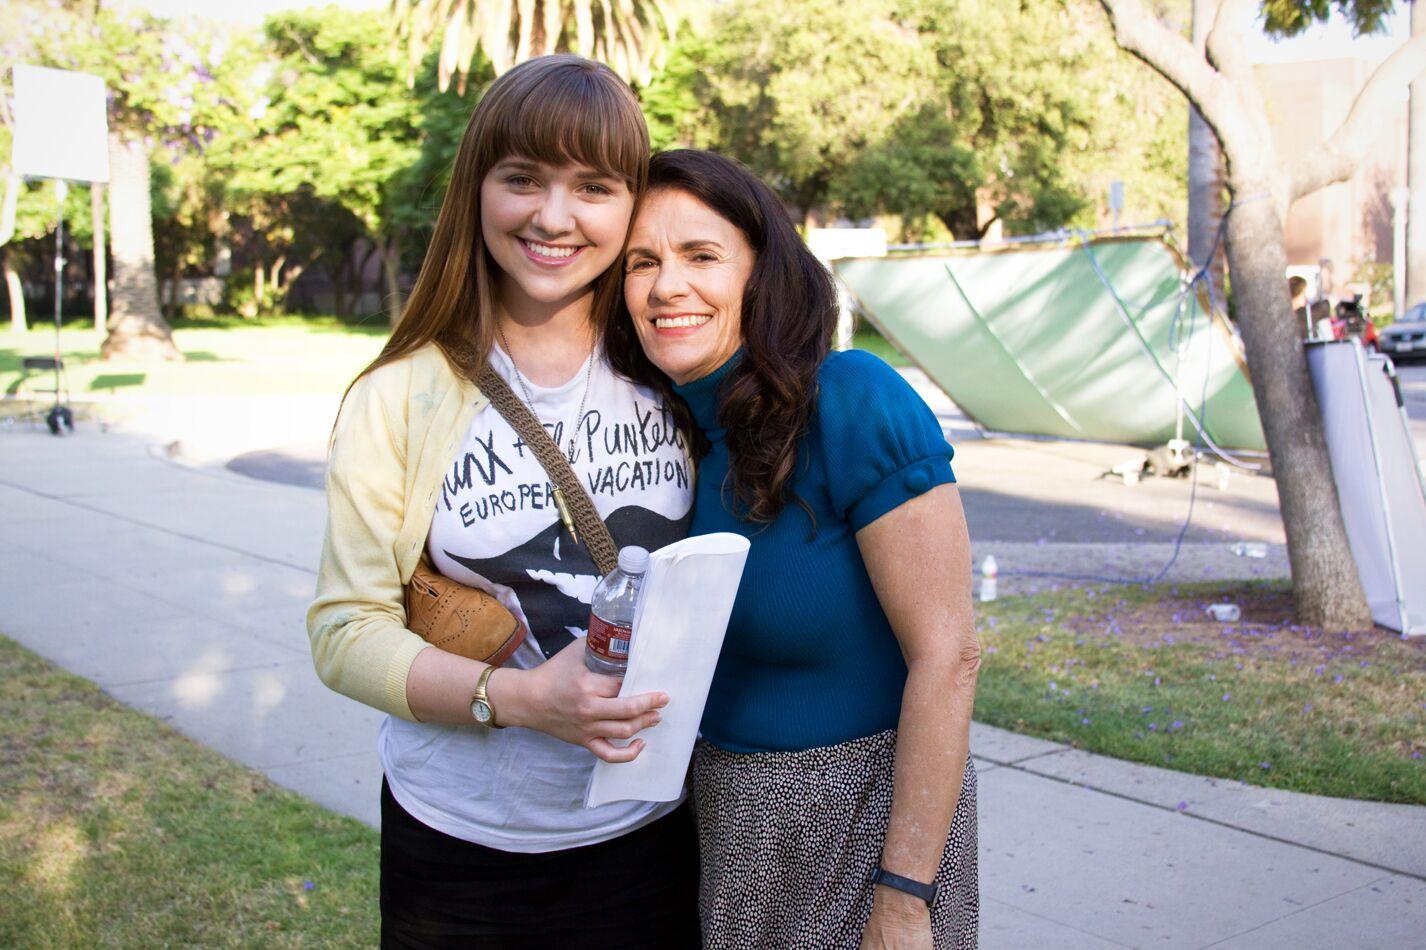 Thumbnail_Joans Day Out_Betsy and Tara.jpg